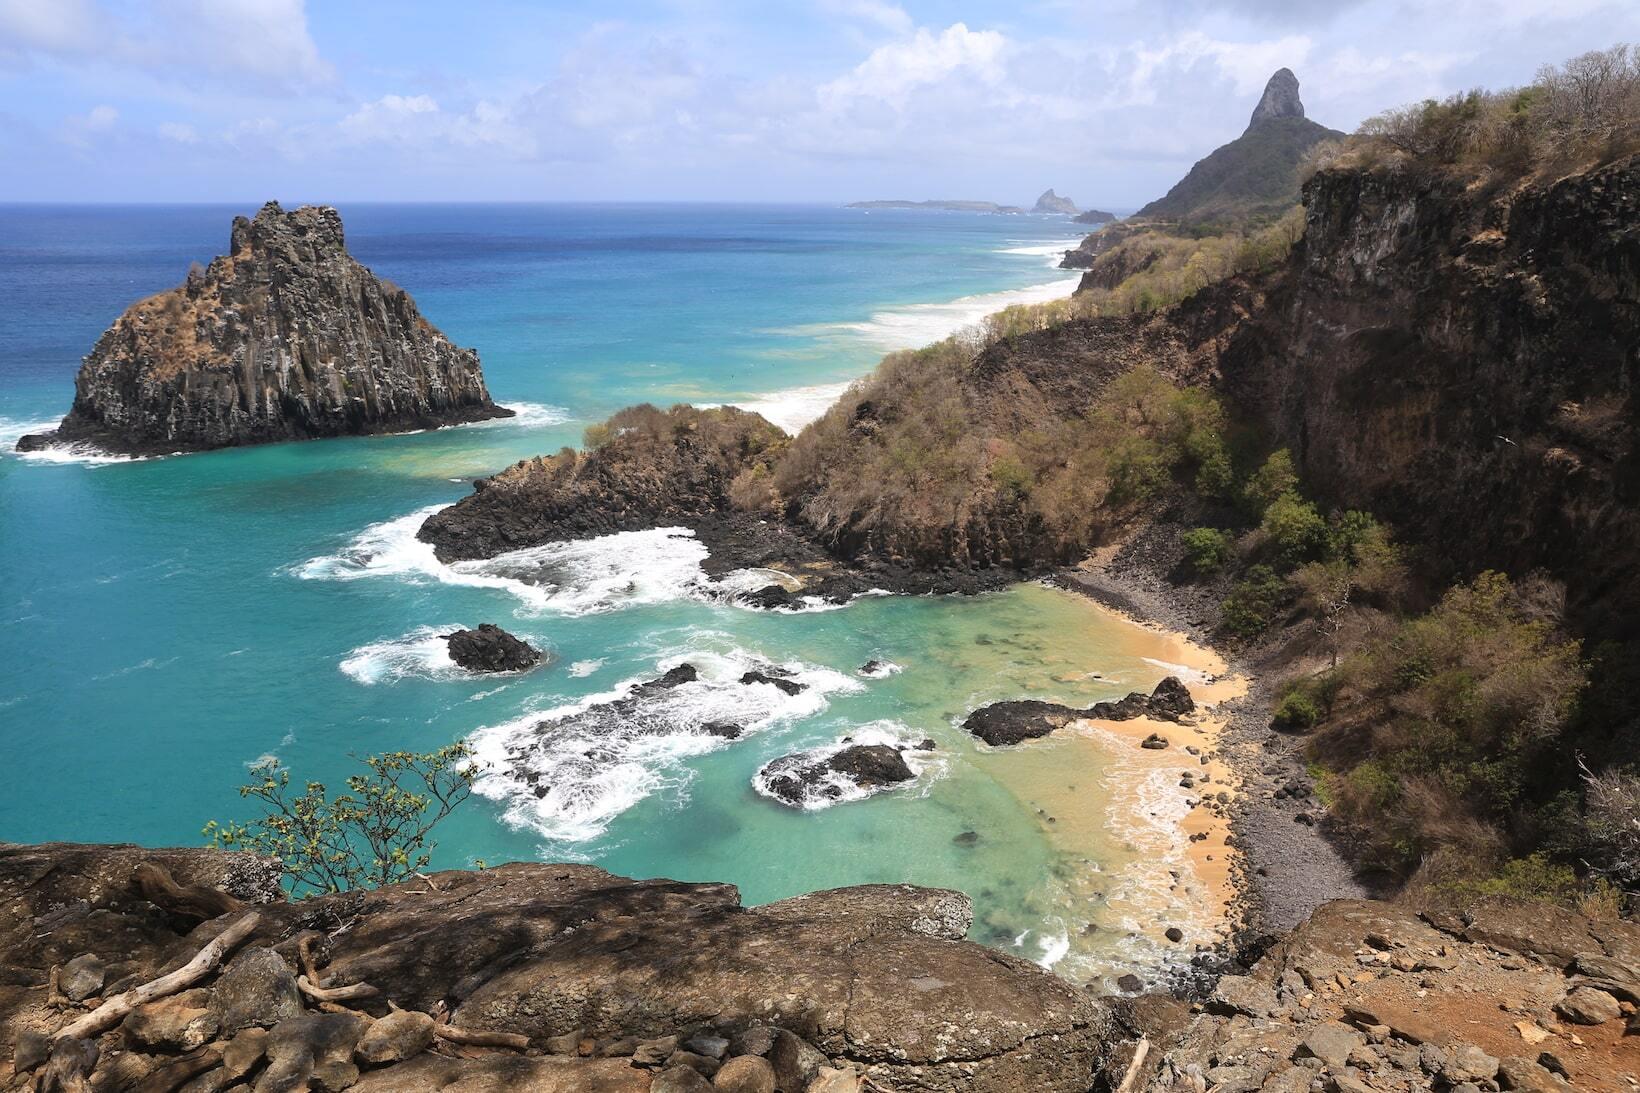 melhores praias do nordeste fernando noronha